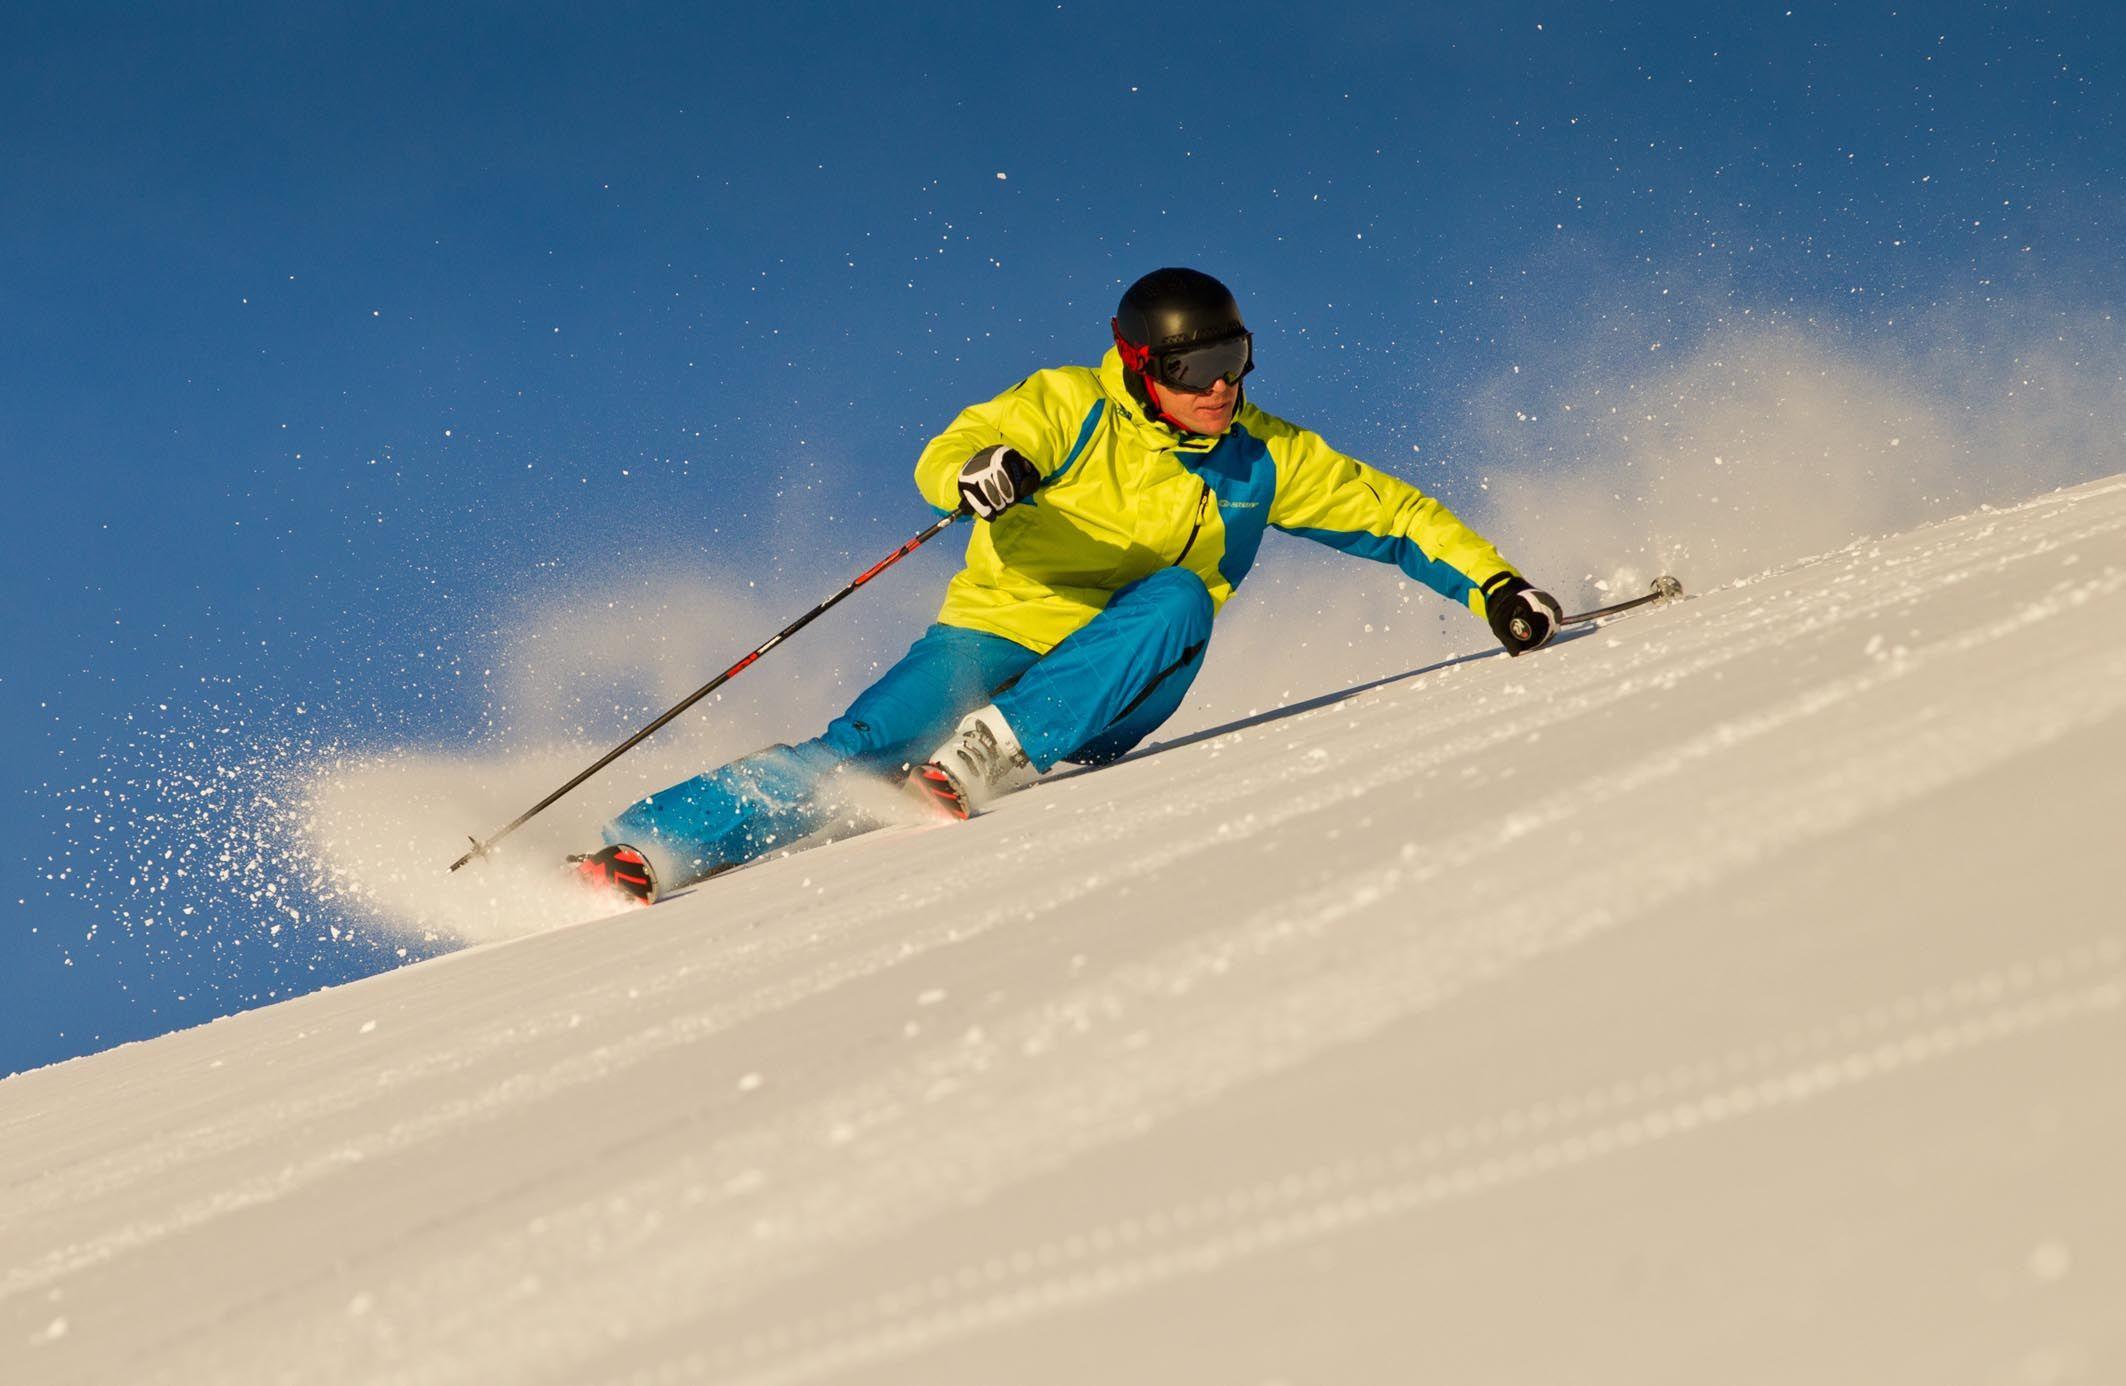 Que esquís y botas me compro